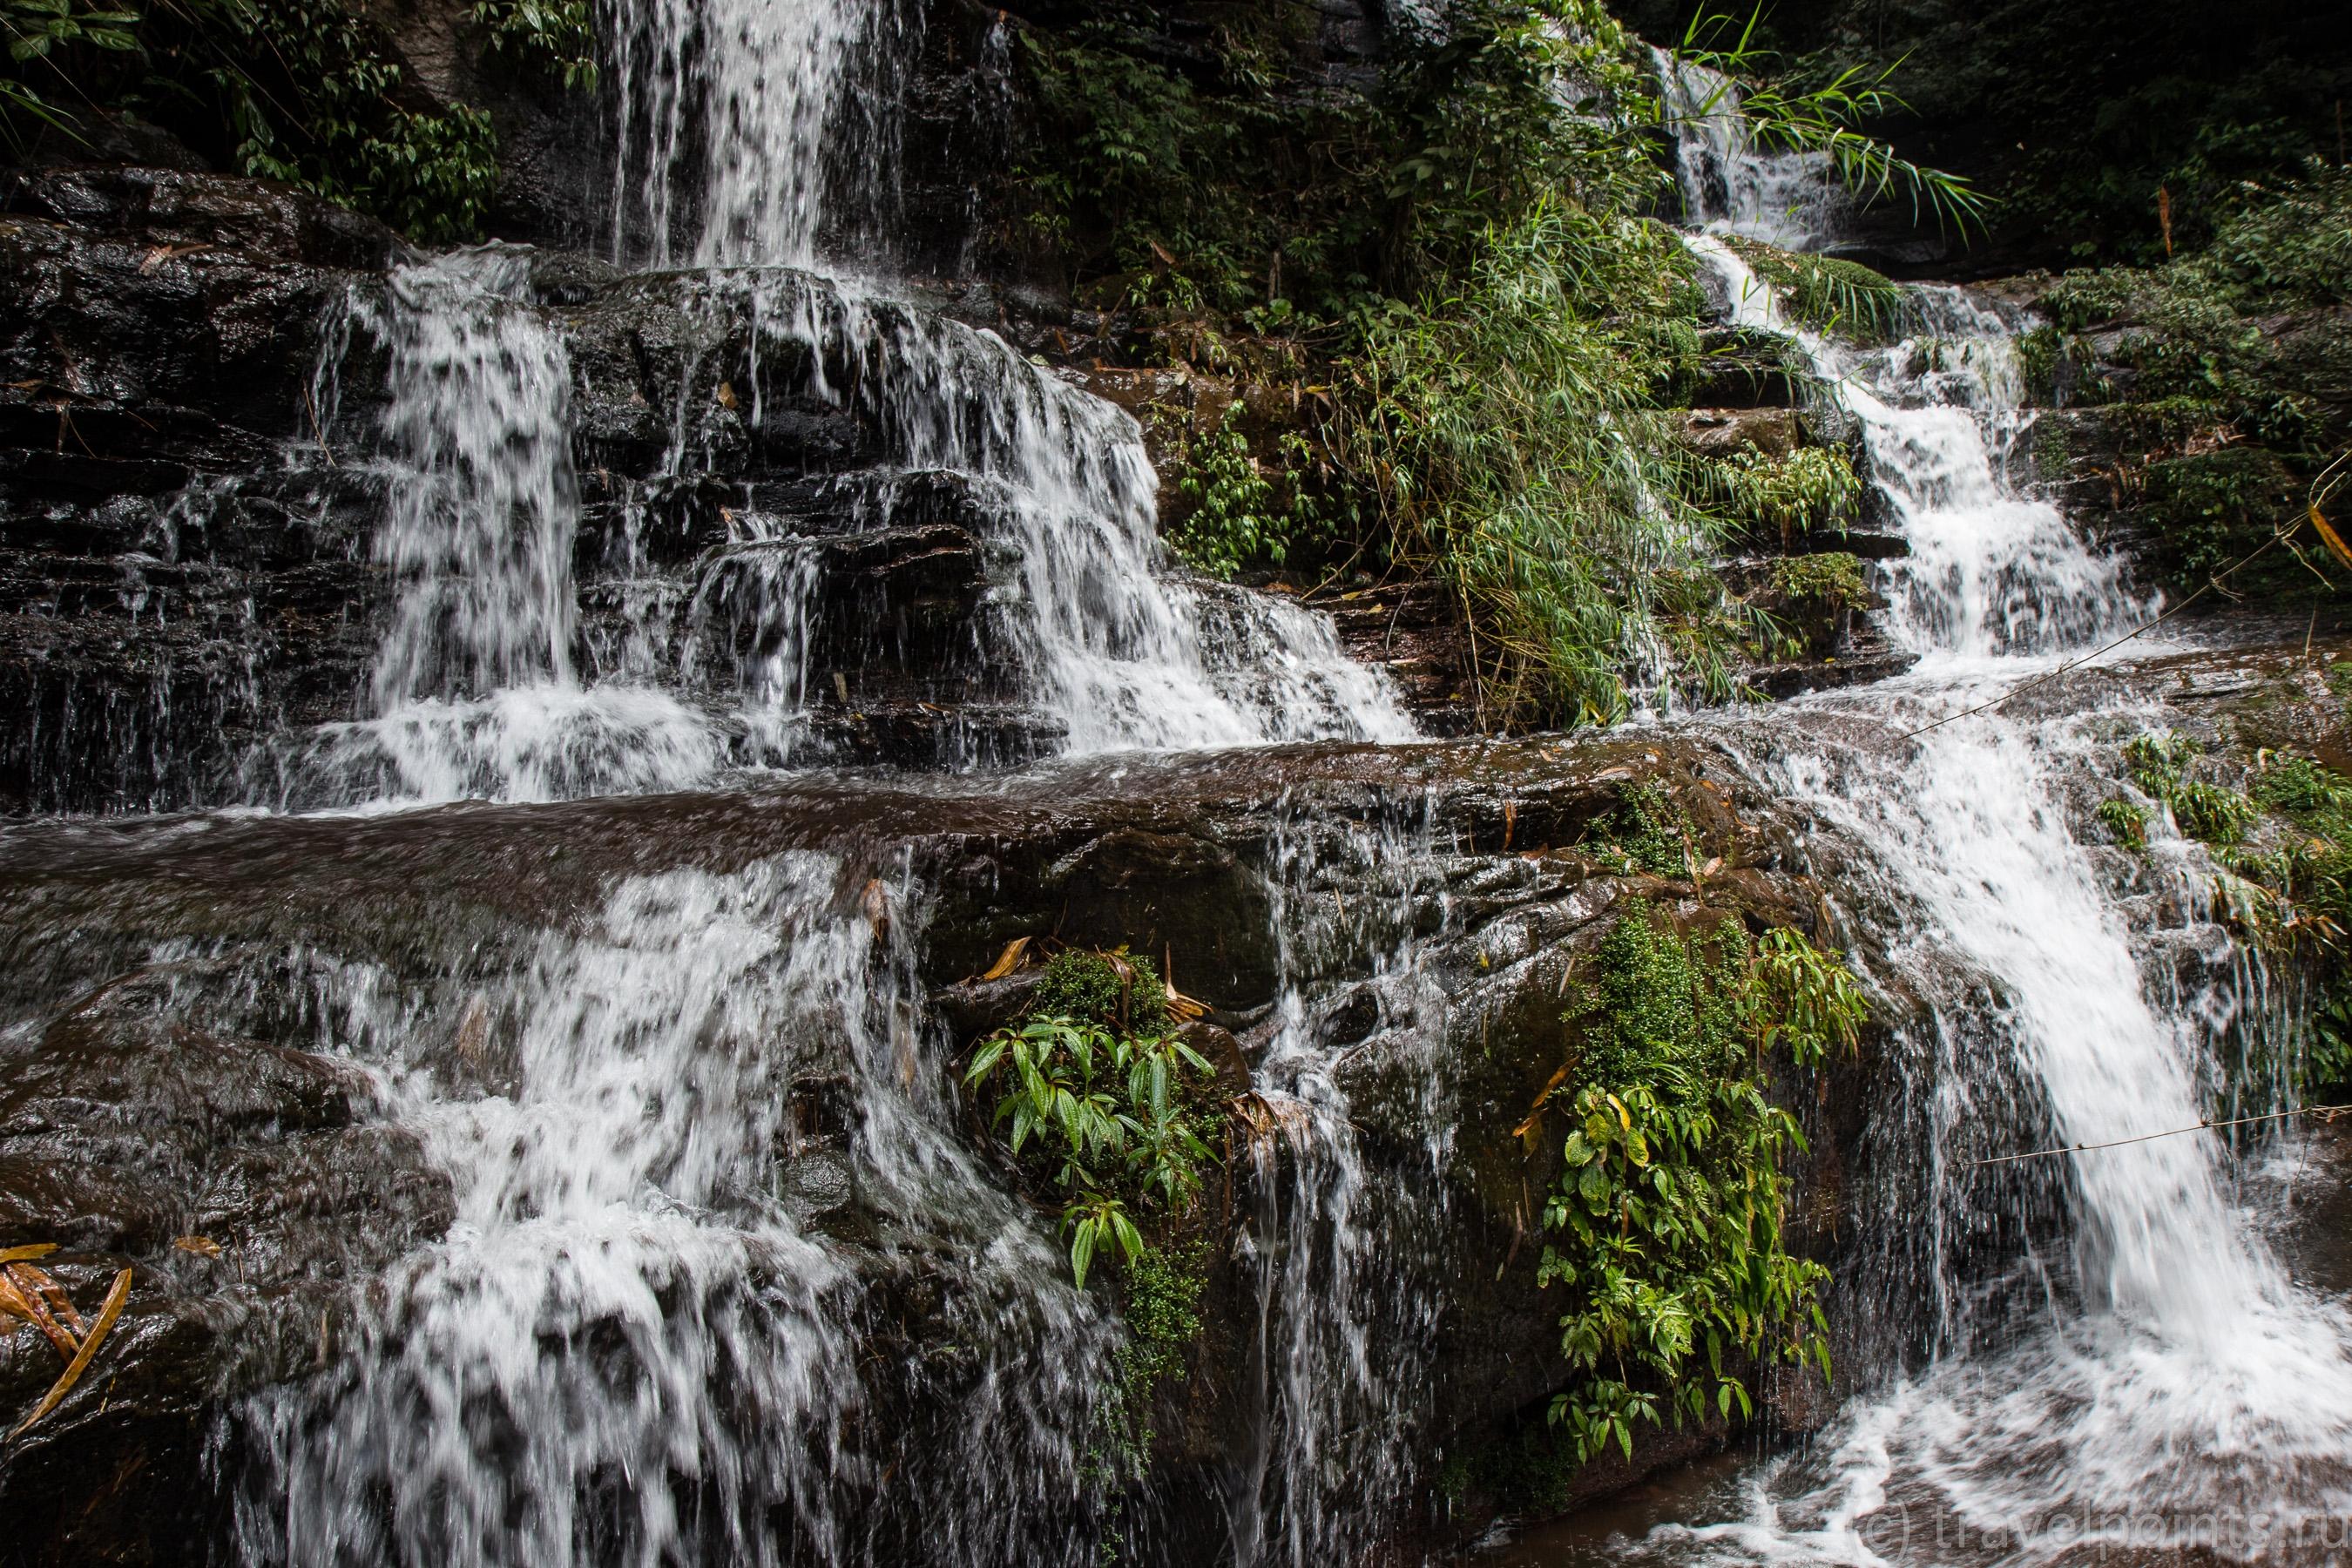 Еще кусок водопада